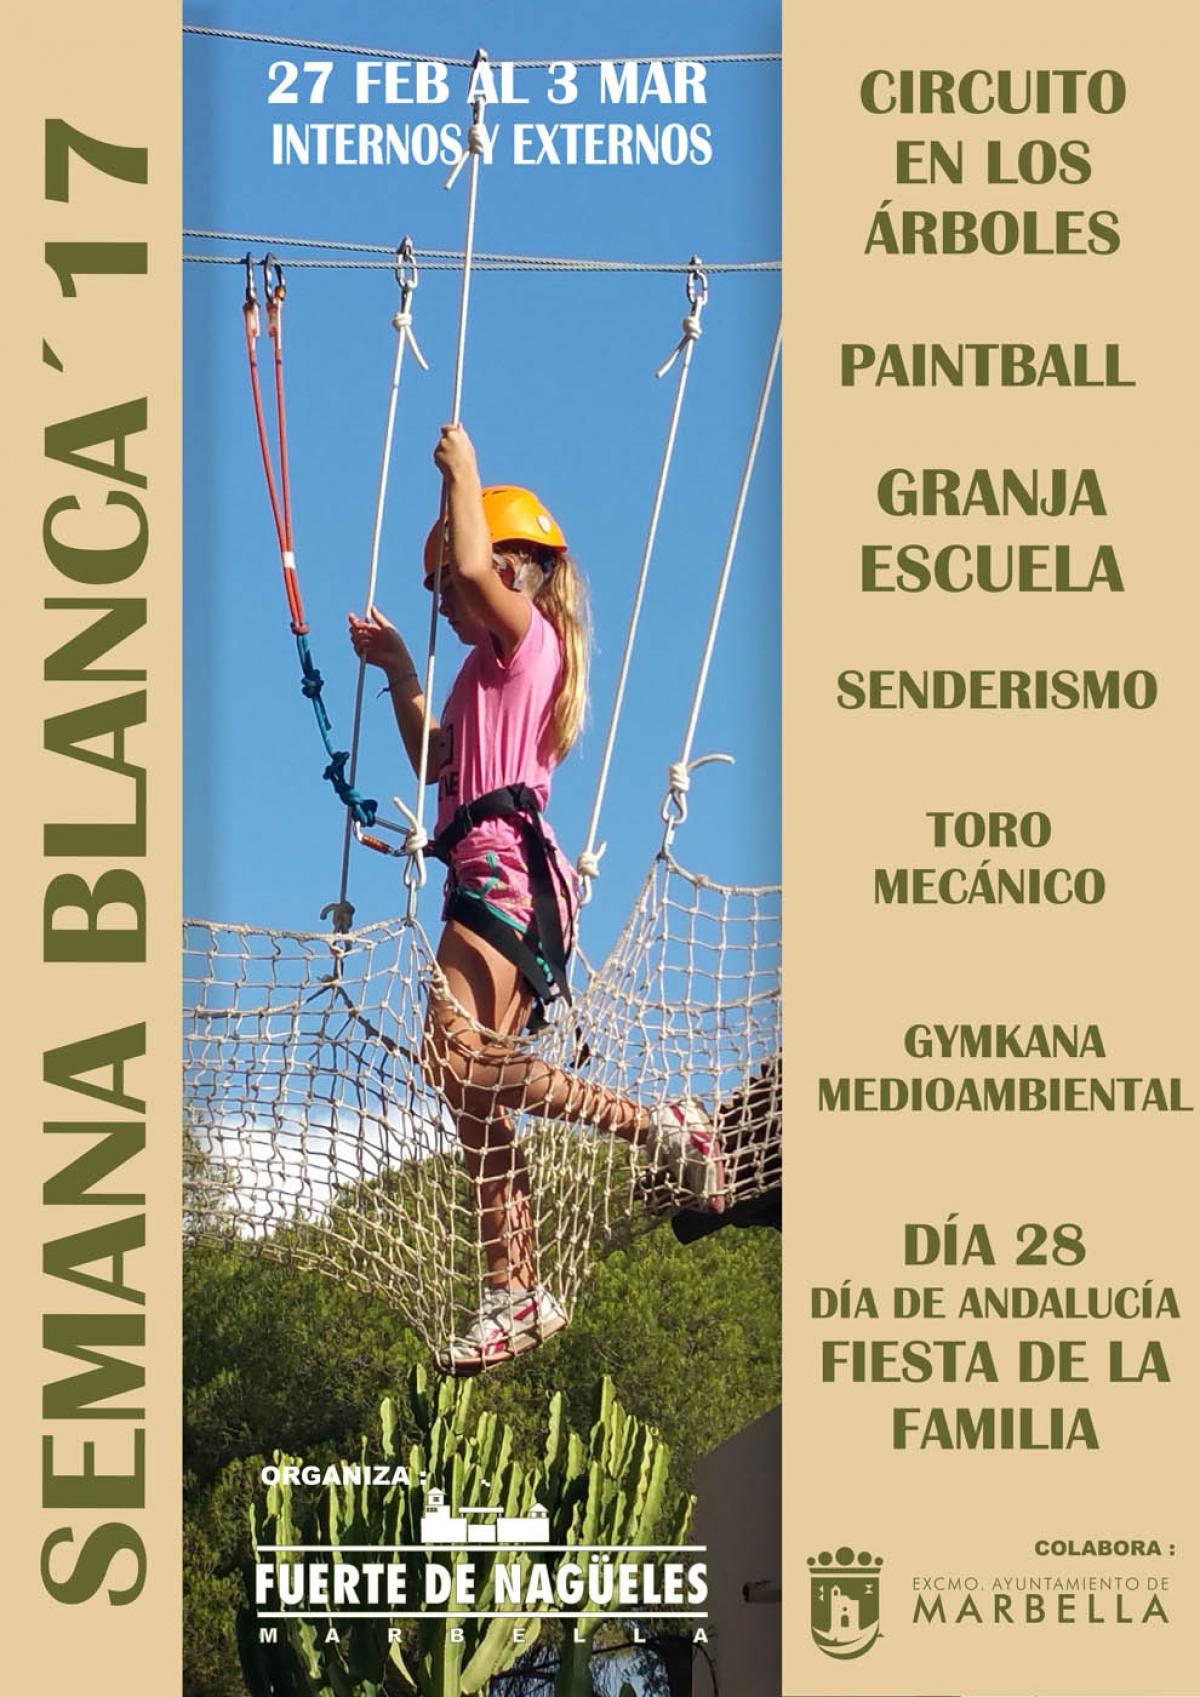 El Campamento de Semana Blanca del Fuerte Nagüeles tendrá lugar del 27 de febrero al 3 de marzo y el plazo de inscripción comienza mañana